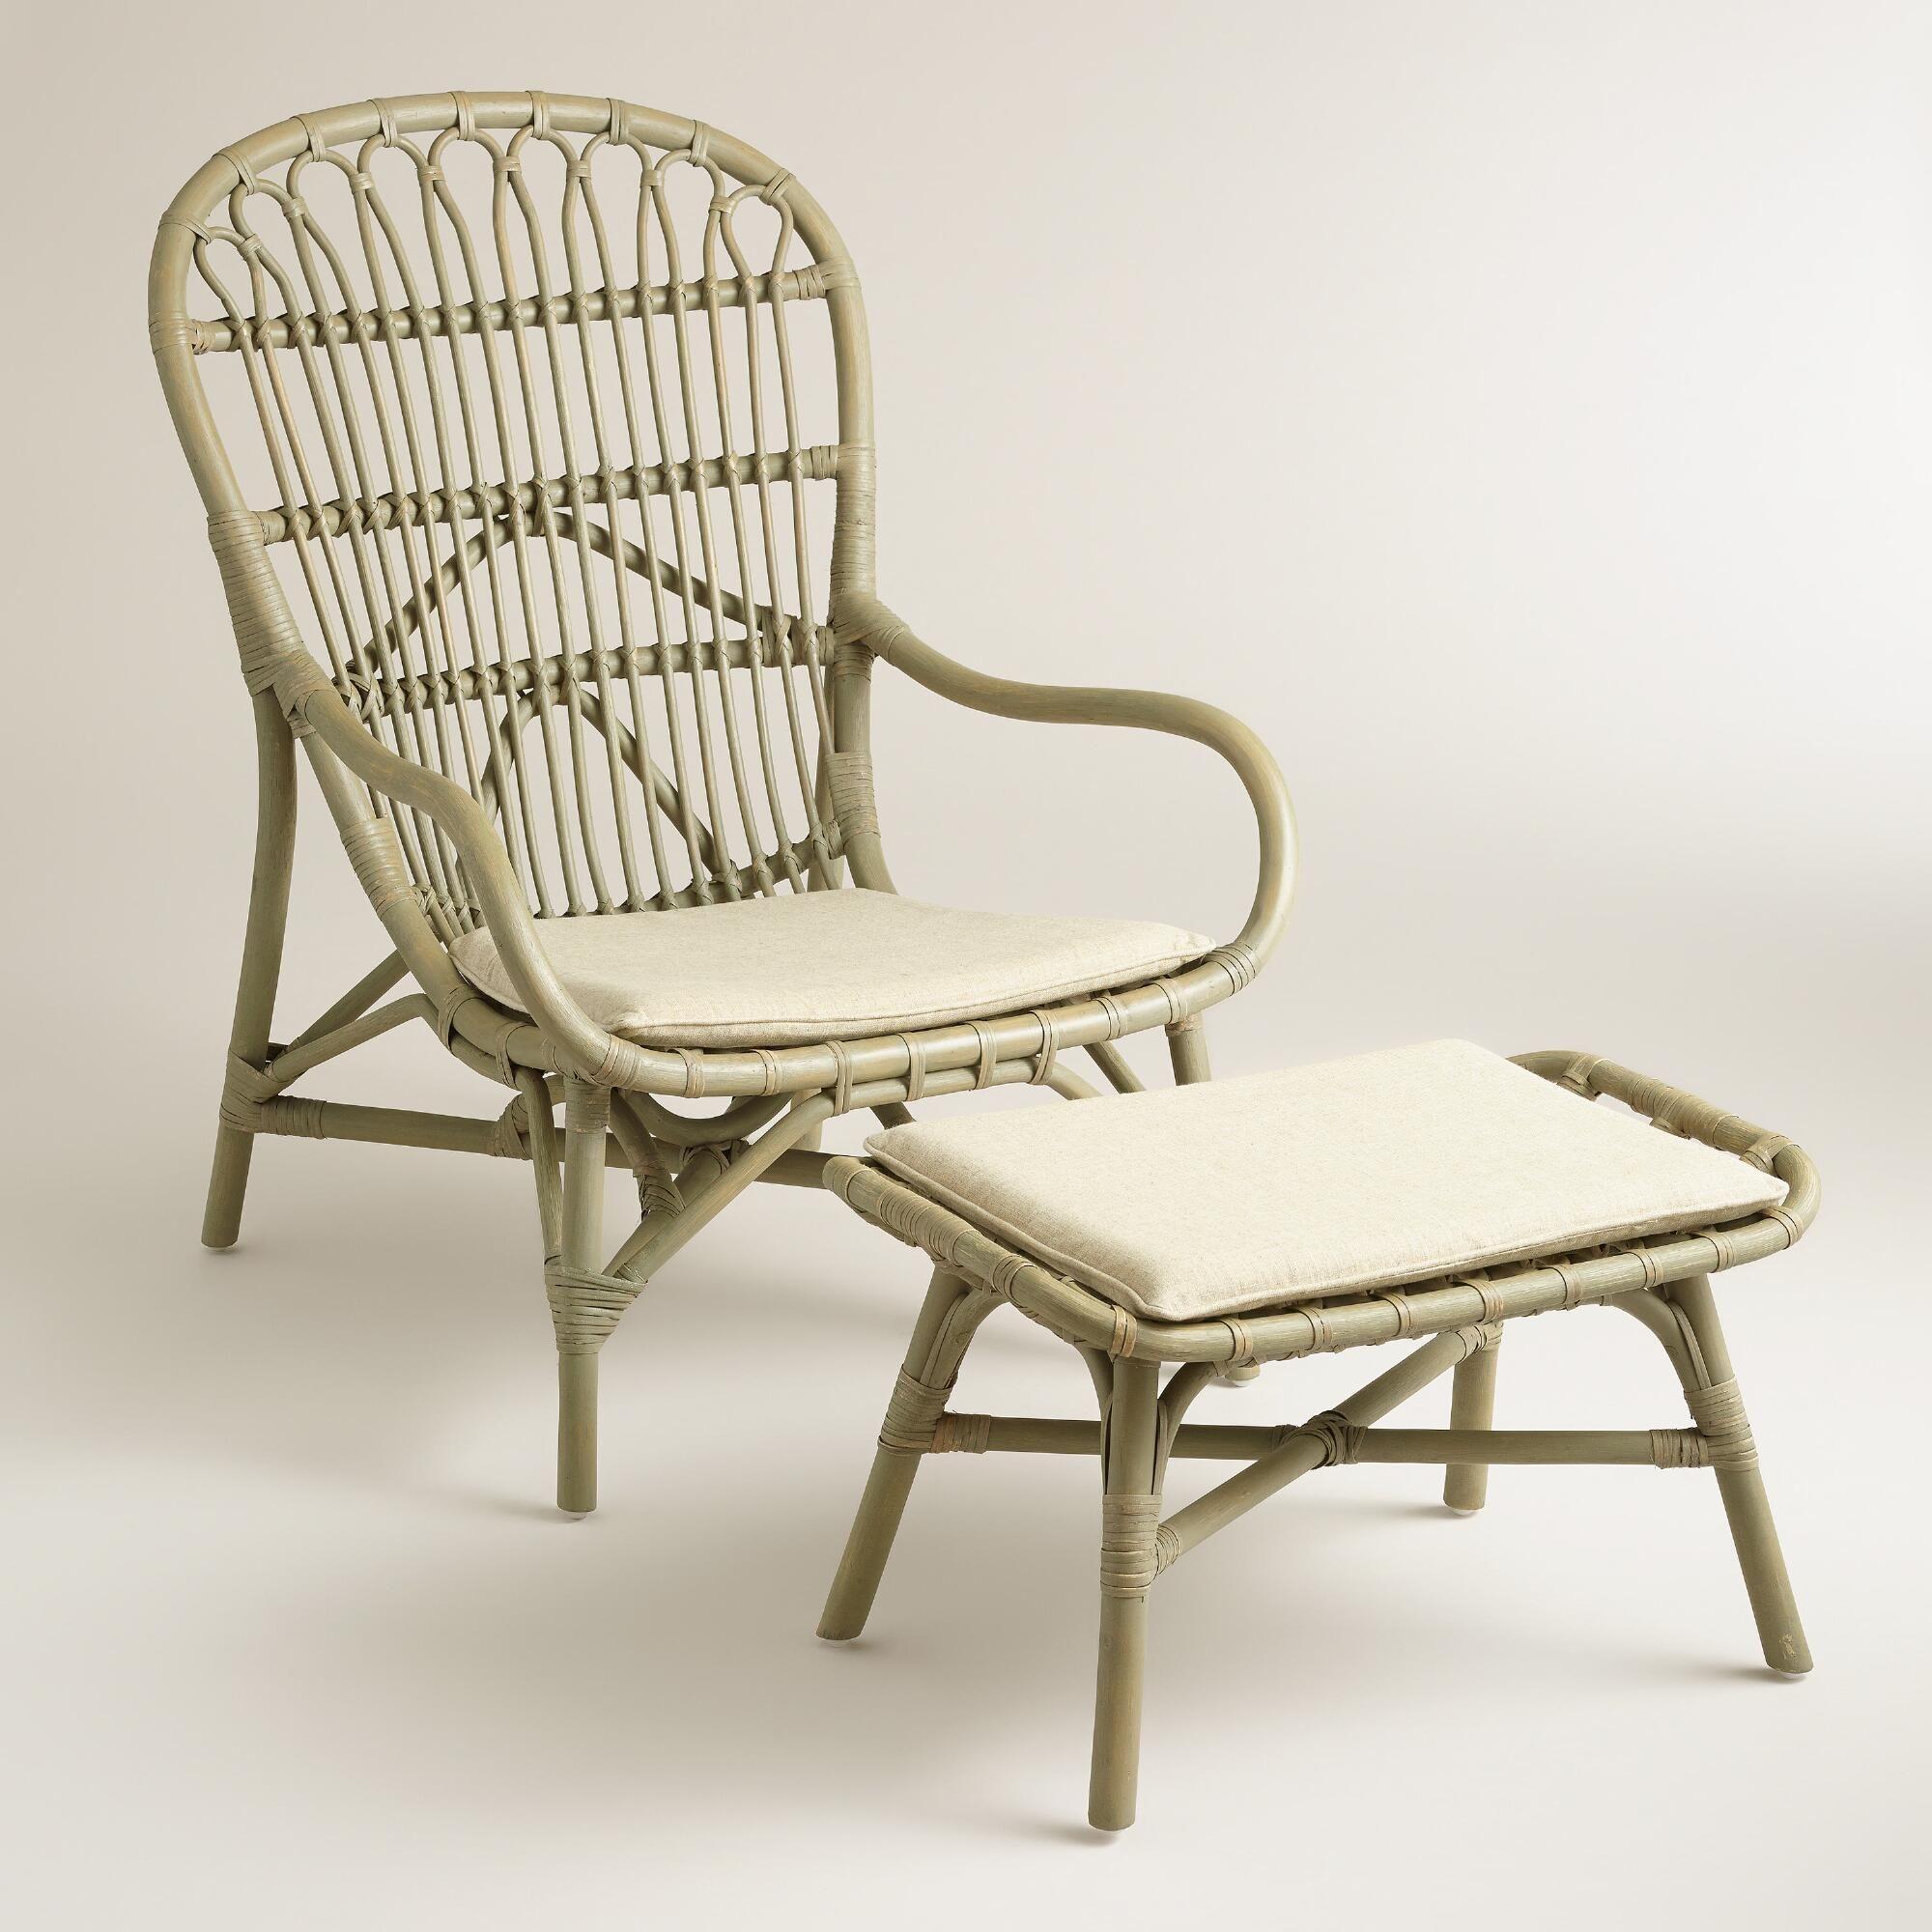 Modern Papasan Chair: A Modern Refresh On The Classic Papasan Chair, Our Bamboo